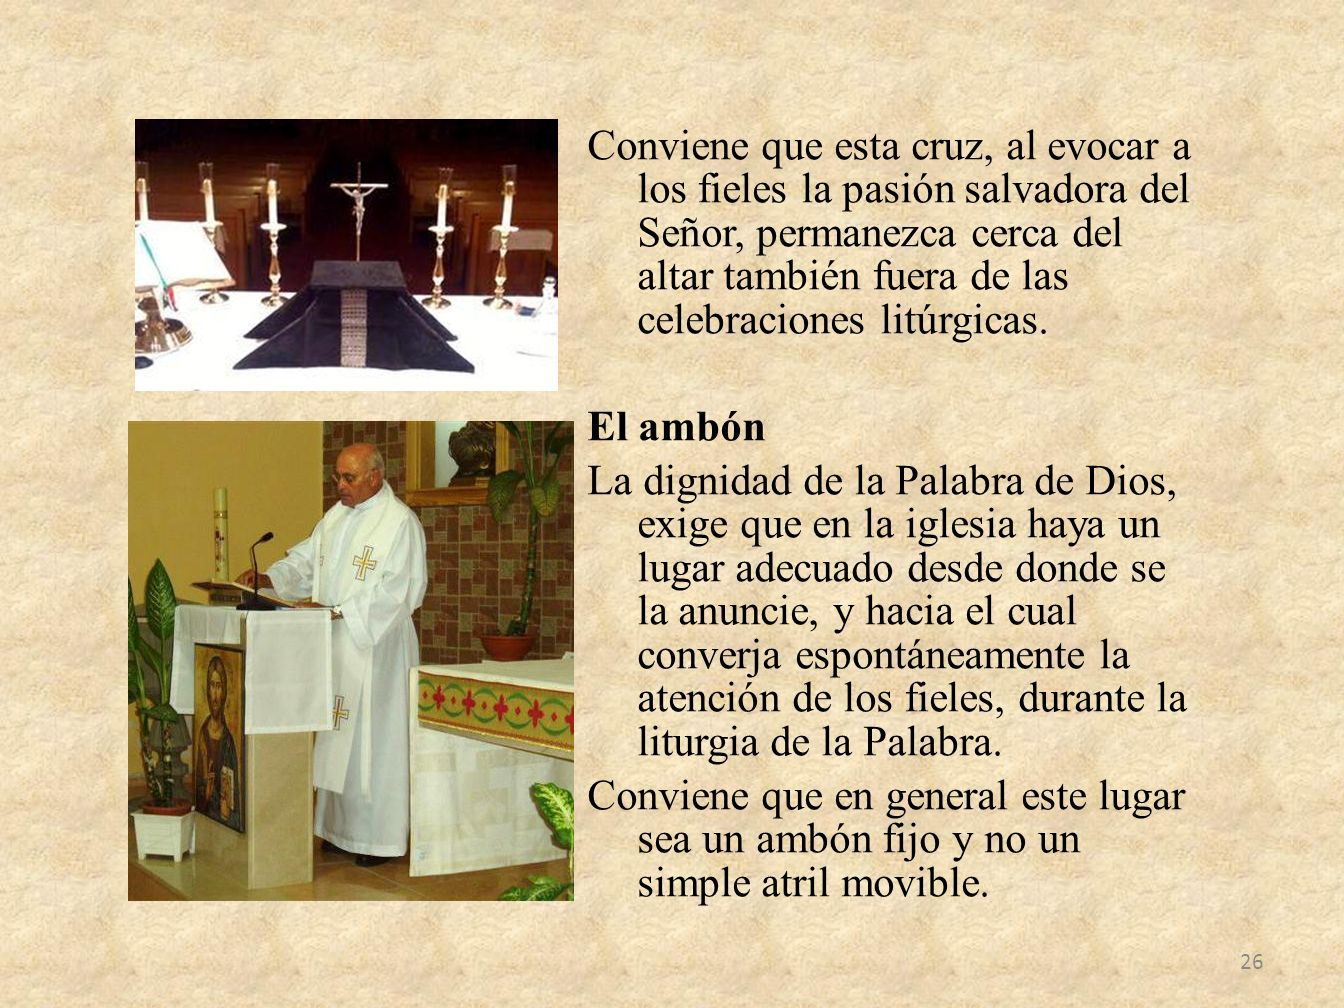 Conviene que esta cruz, al evocar a los fieles la pasión salvadora del Señor, permanezca cerca del altar también fuera de las celebraciones litúrgicas.